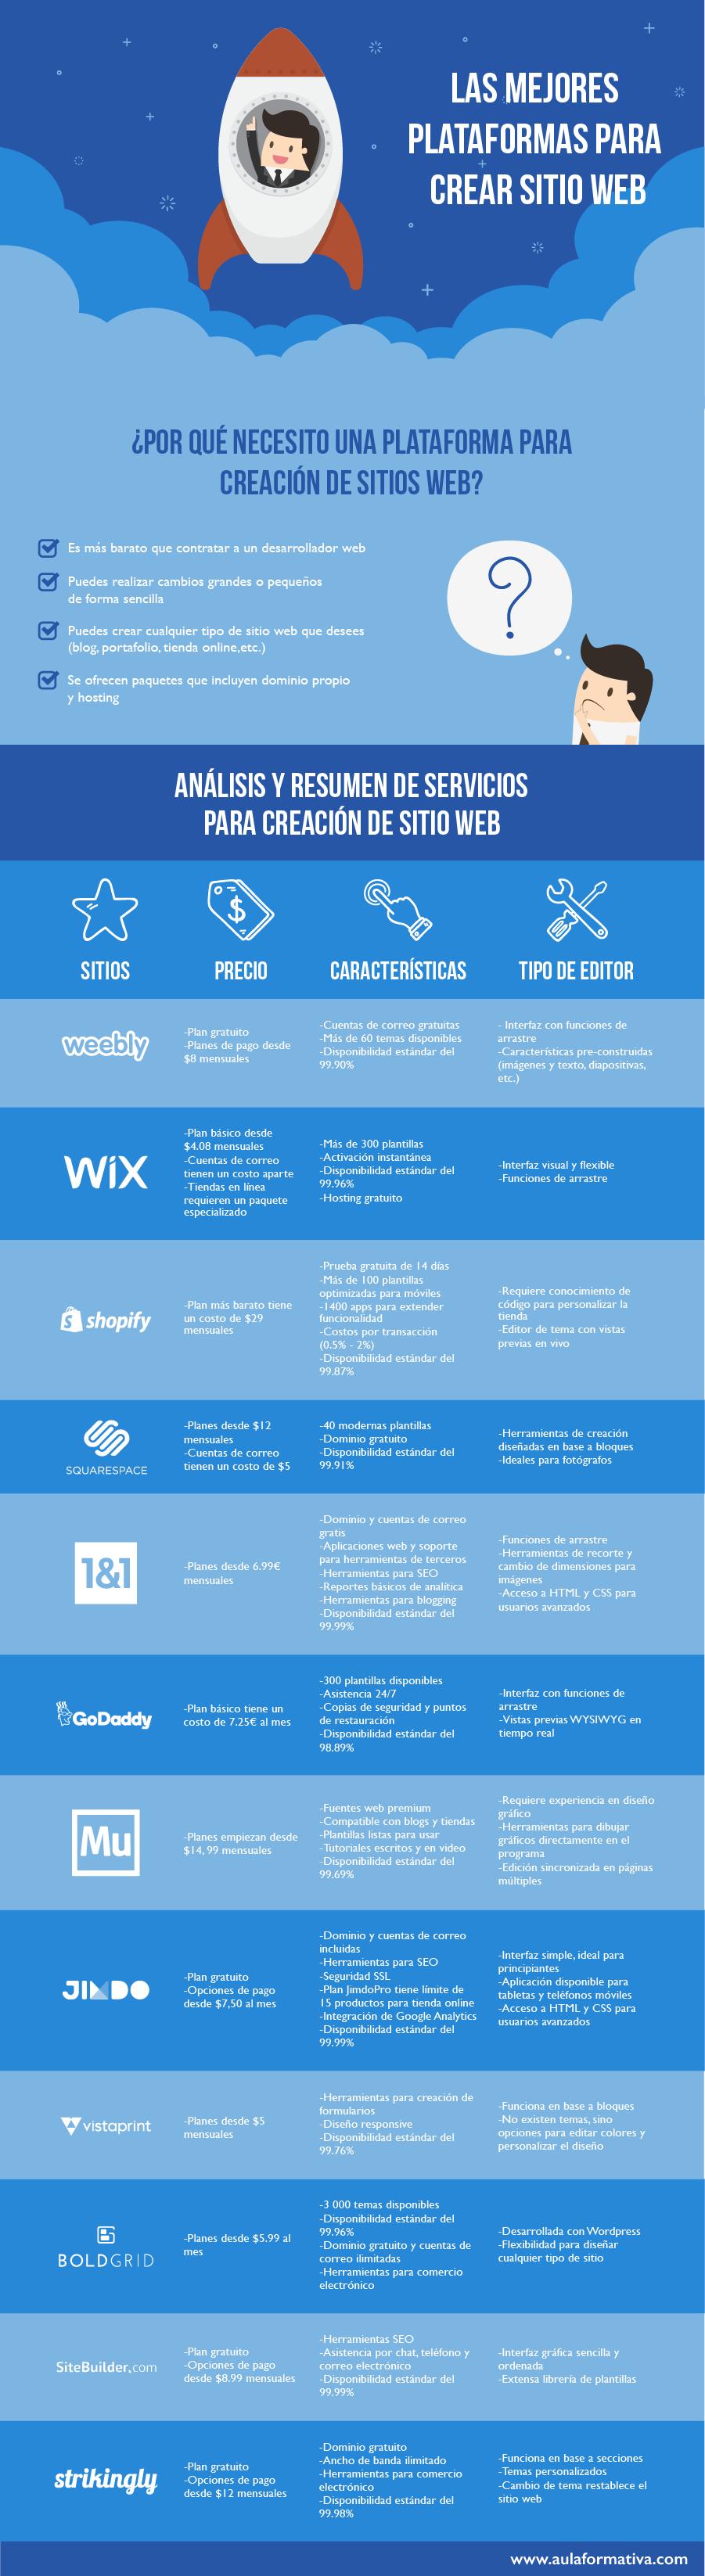 Cuáles son las mejores plataformas para crear un sitio web este 2017?